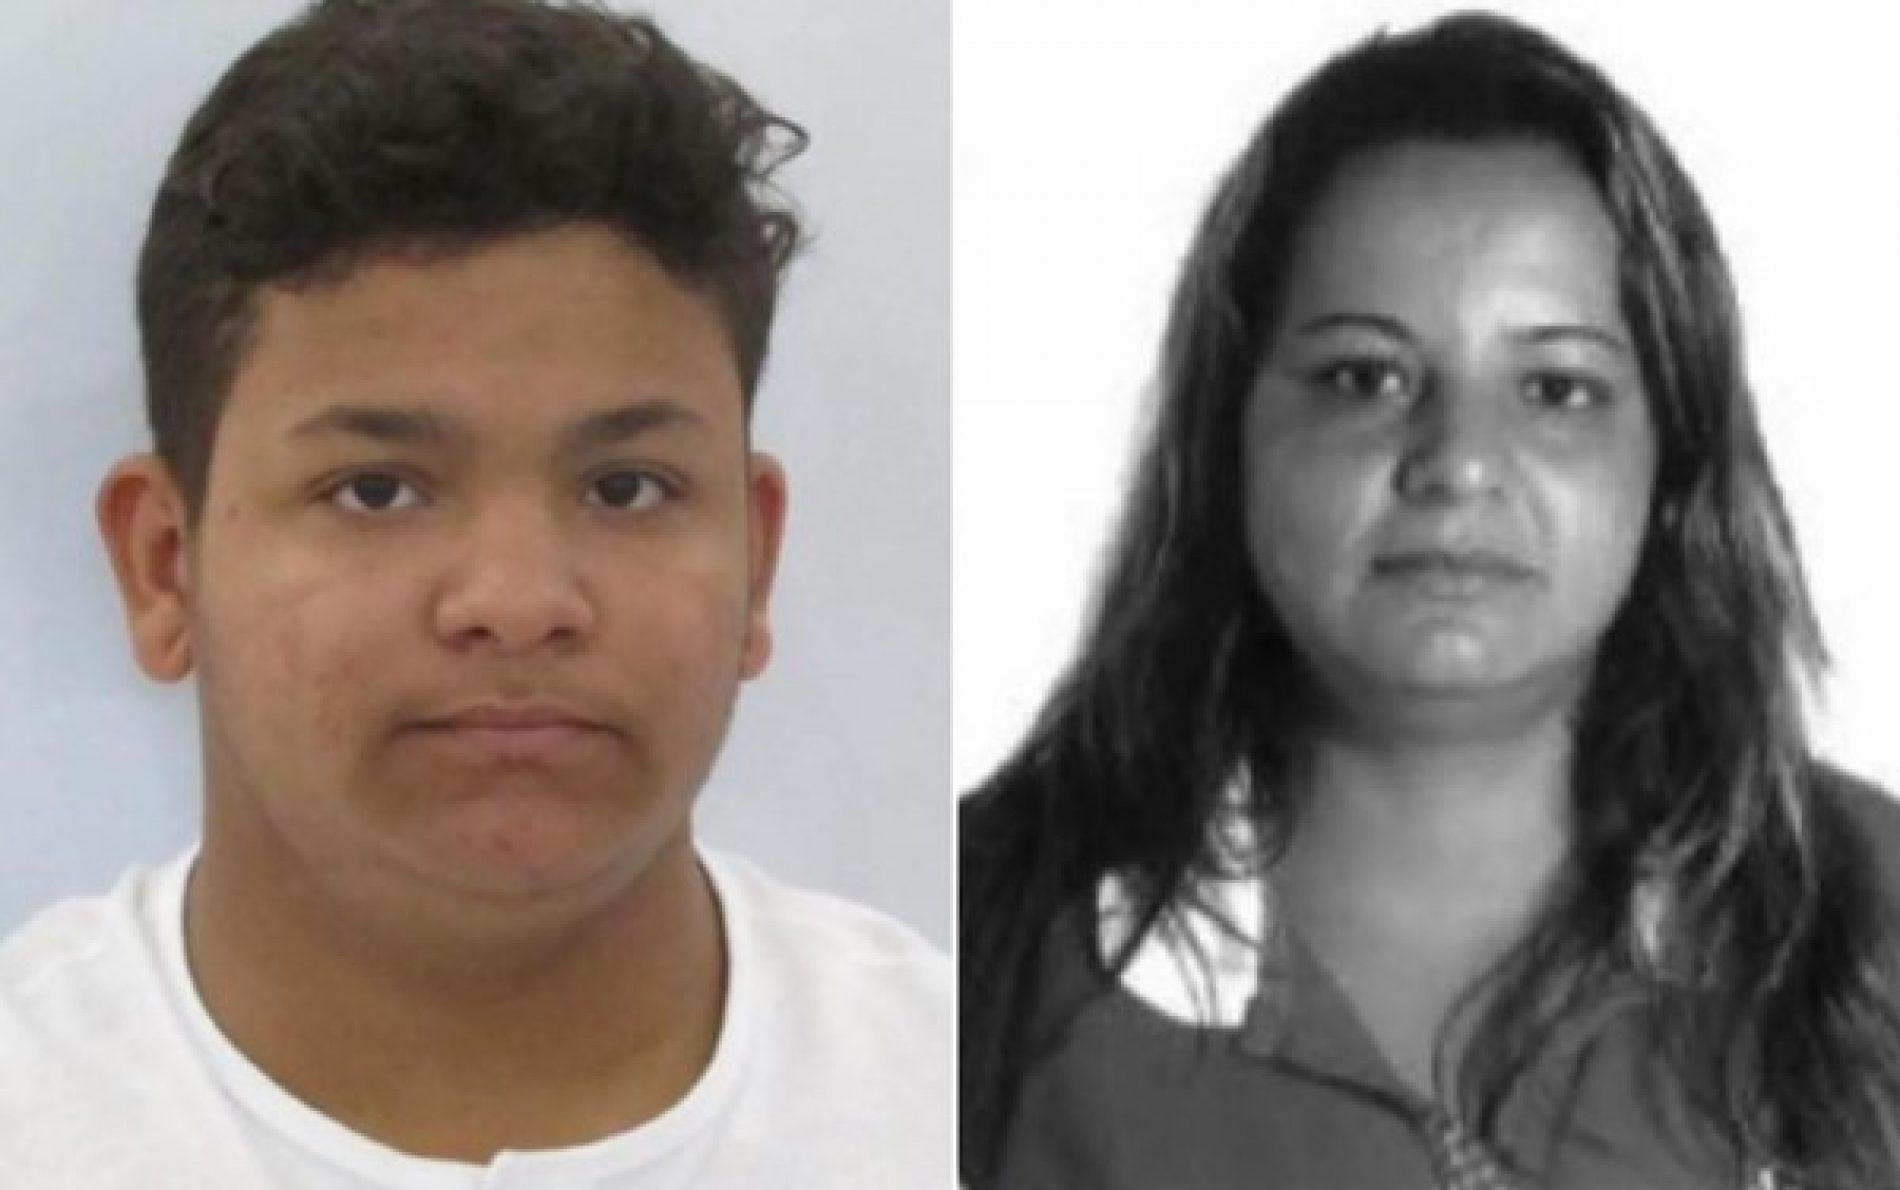 REGIÃO: Ex-policial que se matou é enterrado junto com mulher e filho mortos por ele